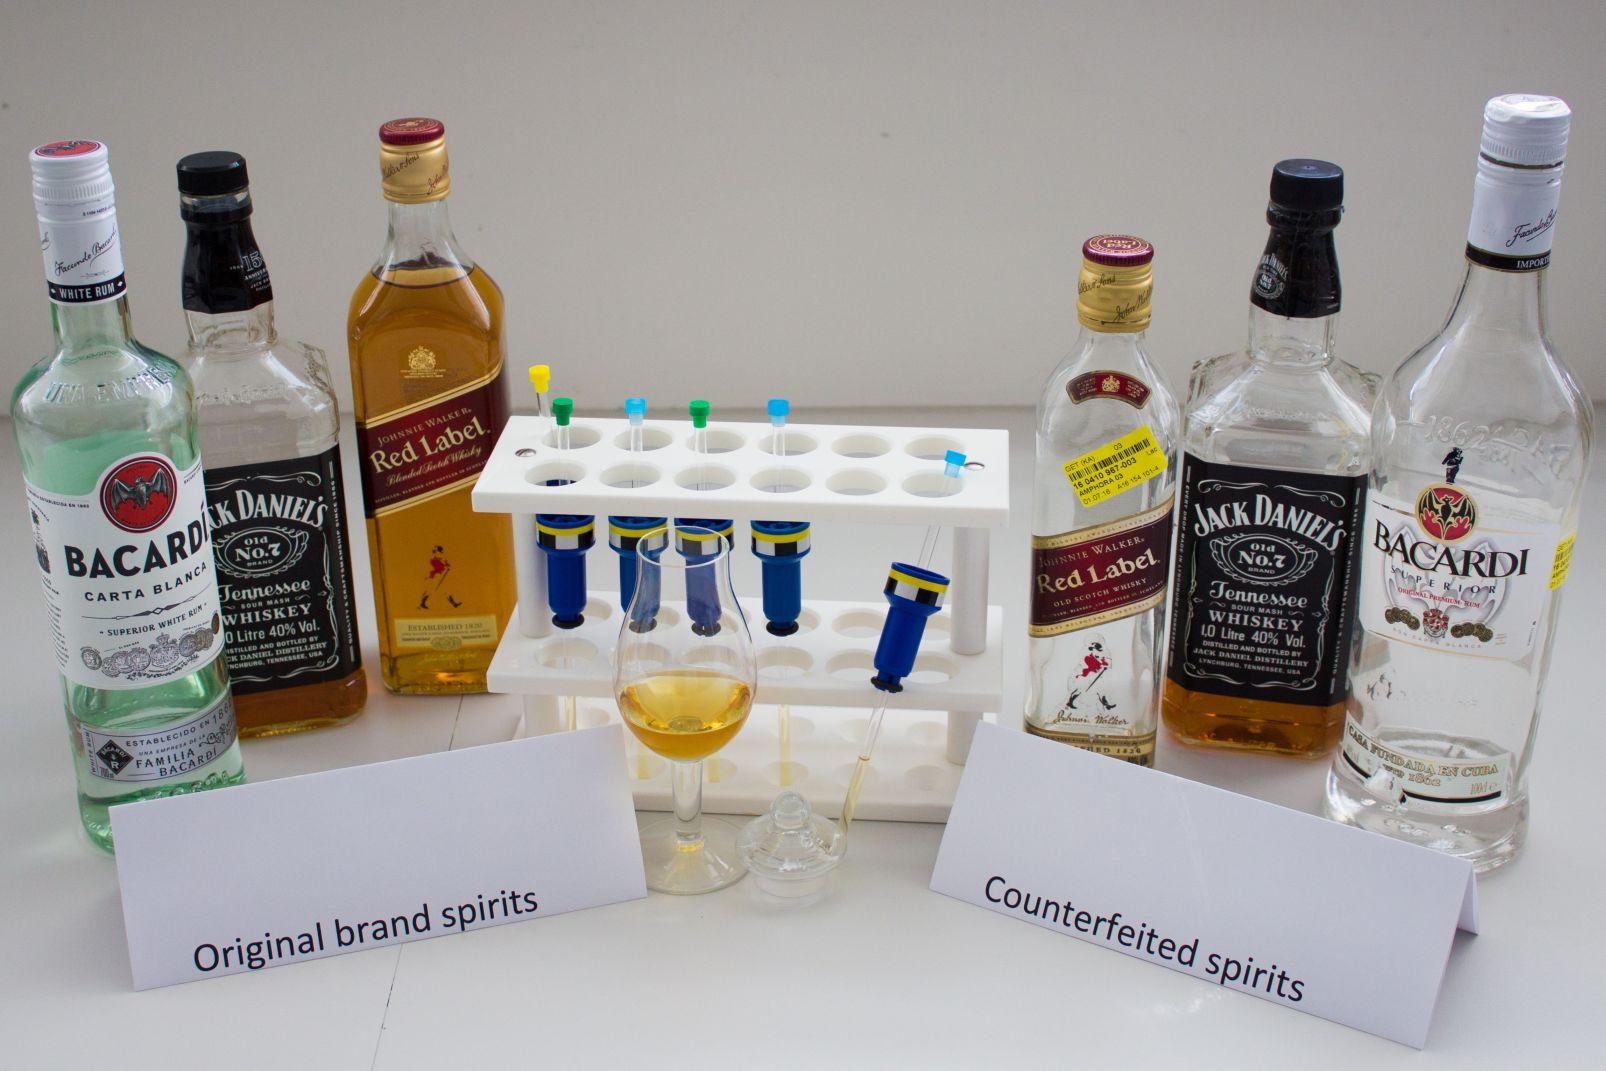 Das Foto zeigt originalverpackte Spirituosenflaschen bekannter Marken und daneben,   nicht unterscheidbar die Fälschungen dieser Produkte. In der Mitte des Bildes befindet sich ein Reagenzglasgestell mit gefüllten Messröhrchen für die NMR Messung und im Vordergrund ein Glas mit Whiskey.